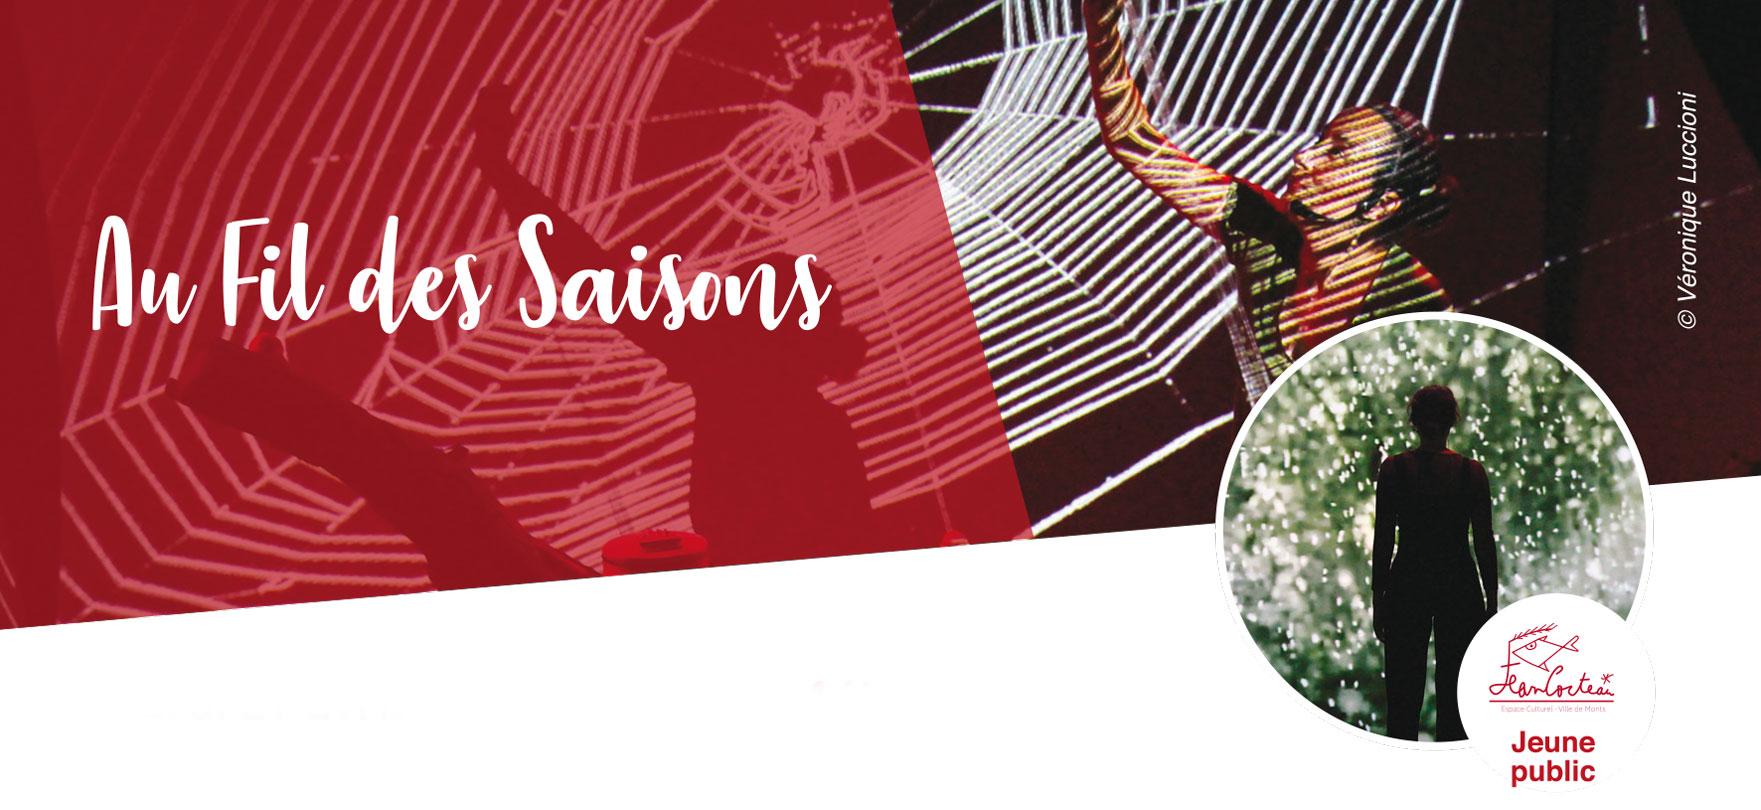 AU-FIL-DES-SAISONS.jpg